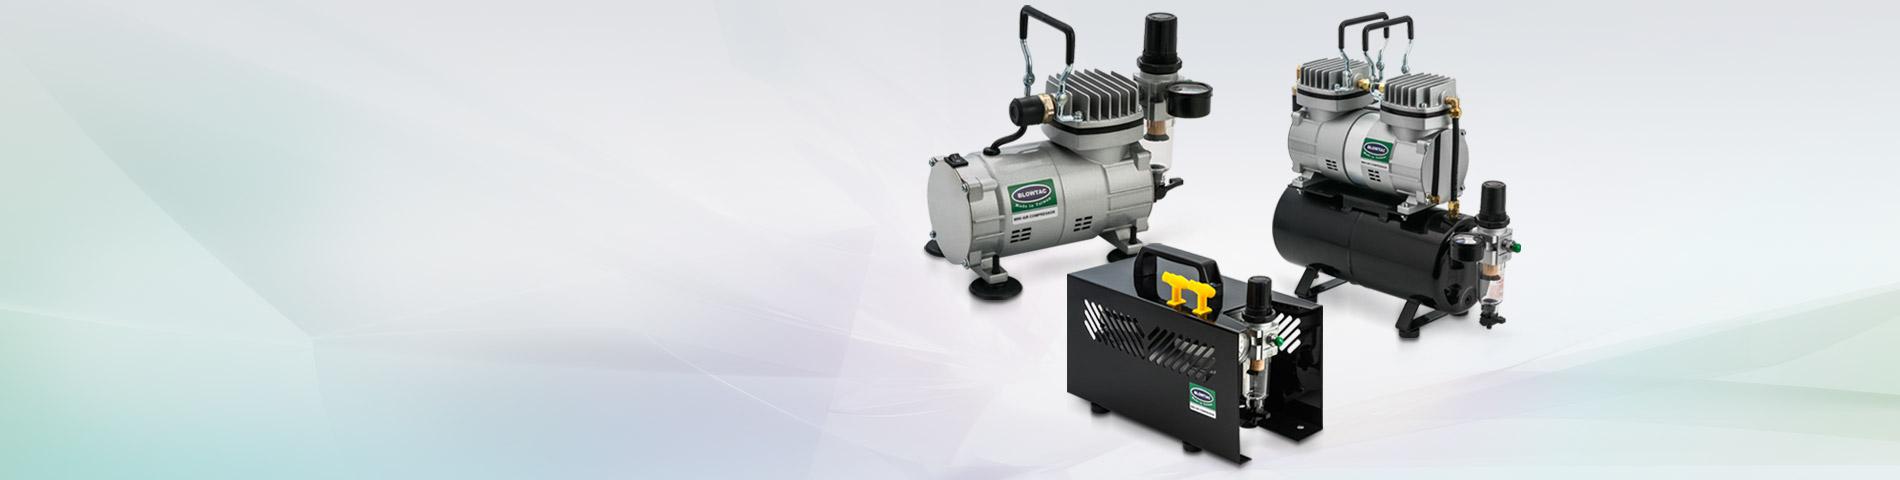 Высшее качество Уверенность Вся продукция производится на Тайване с маркировкой CE.